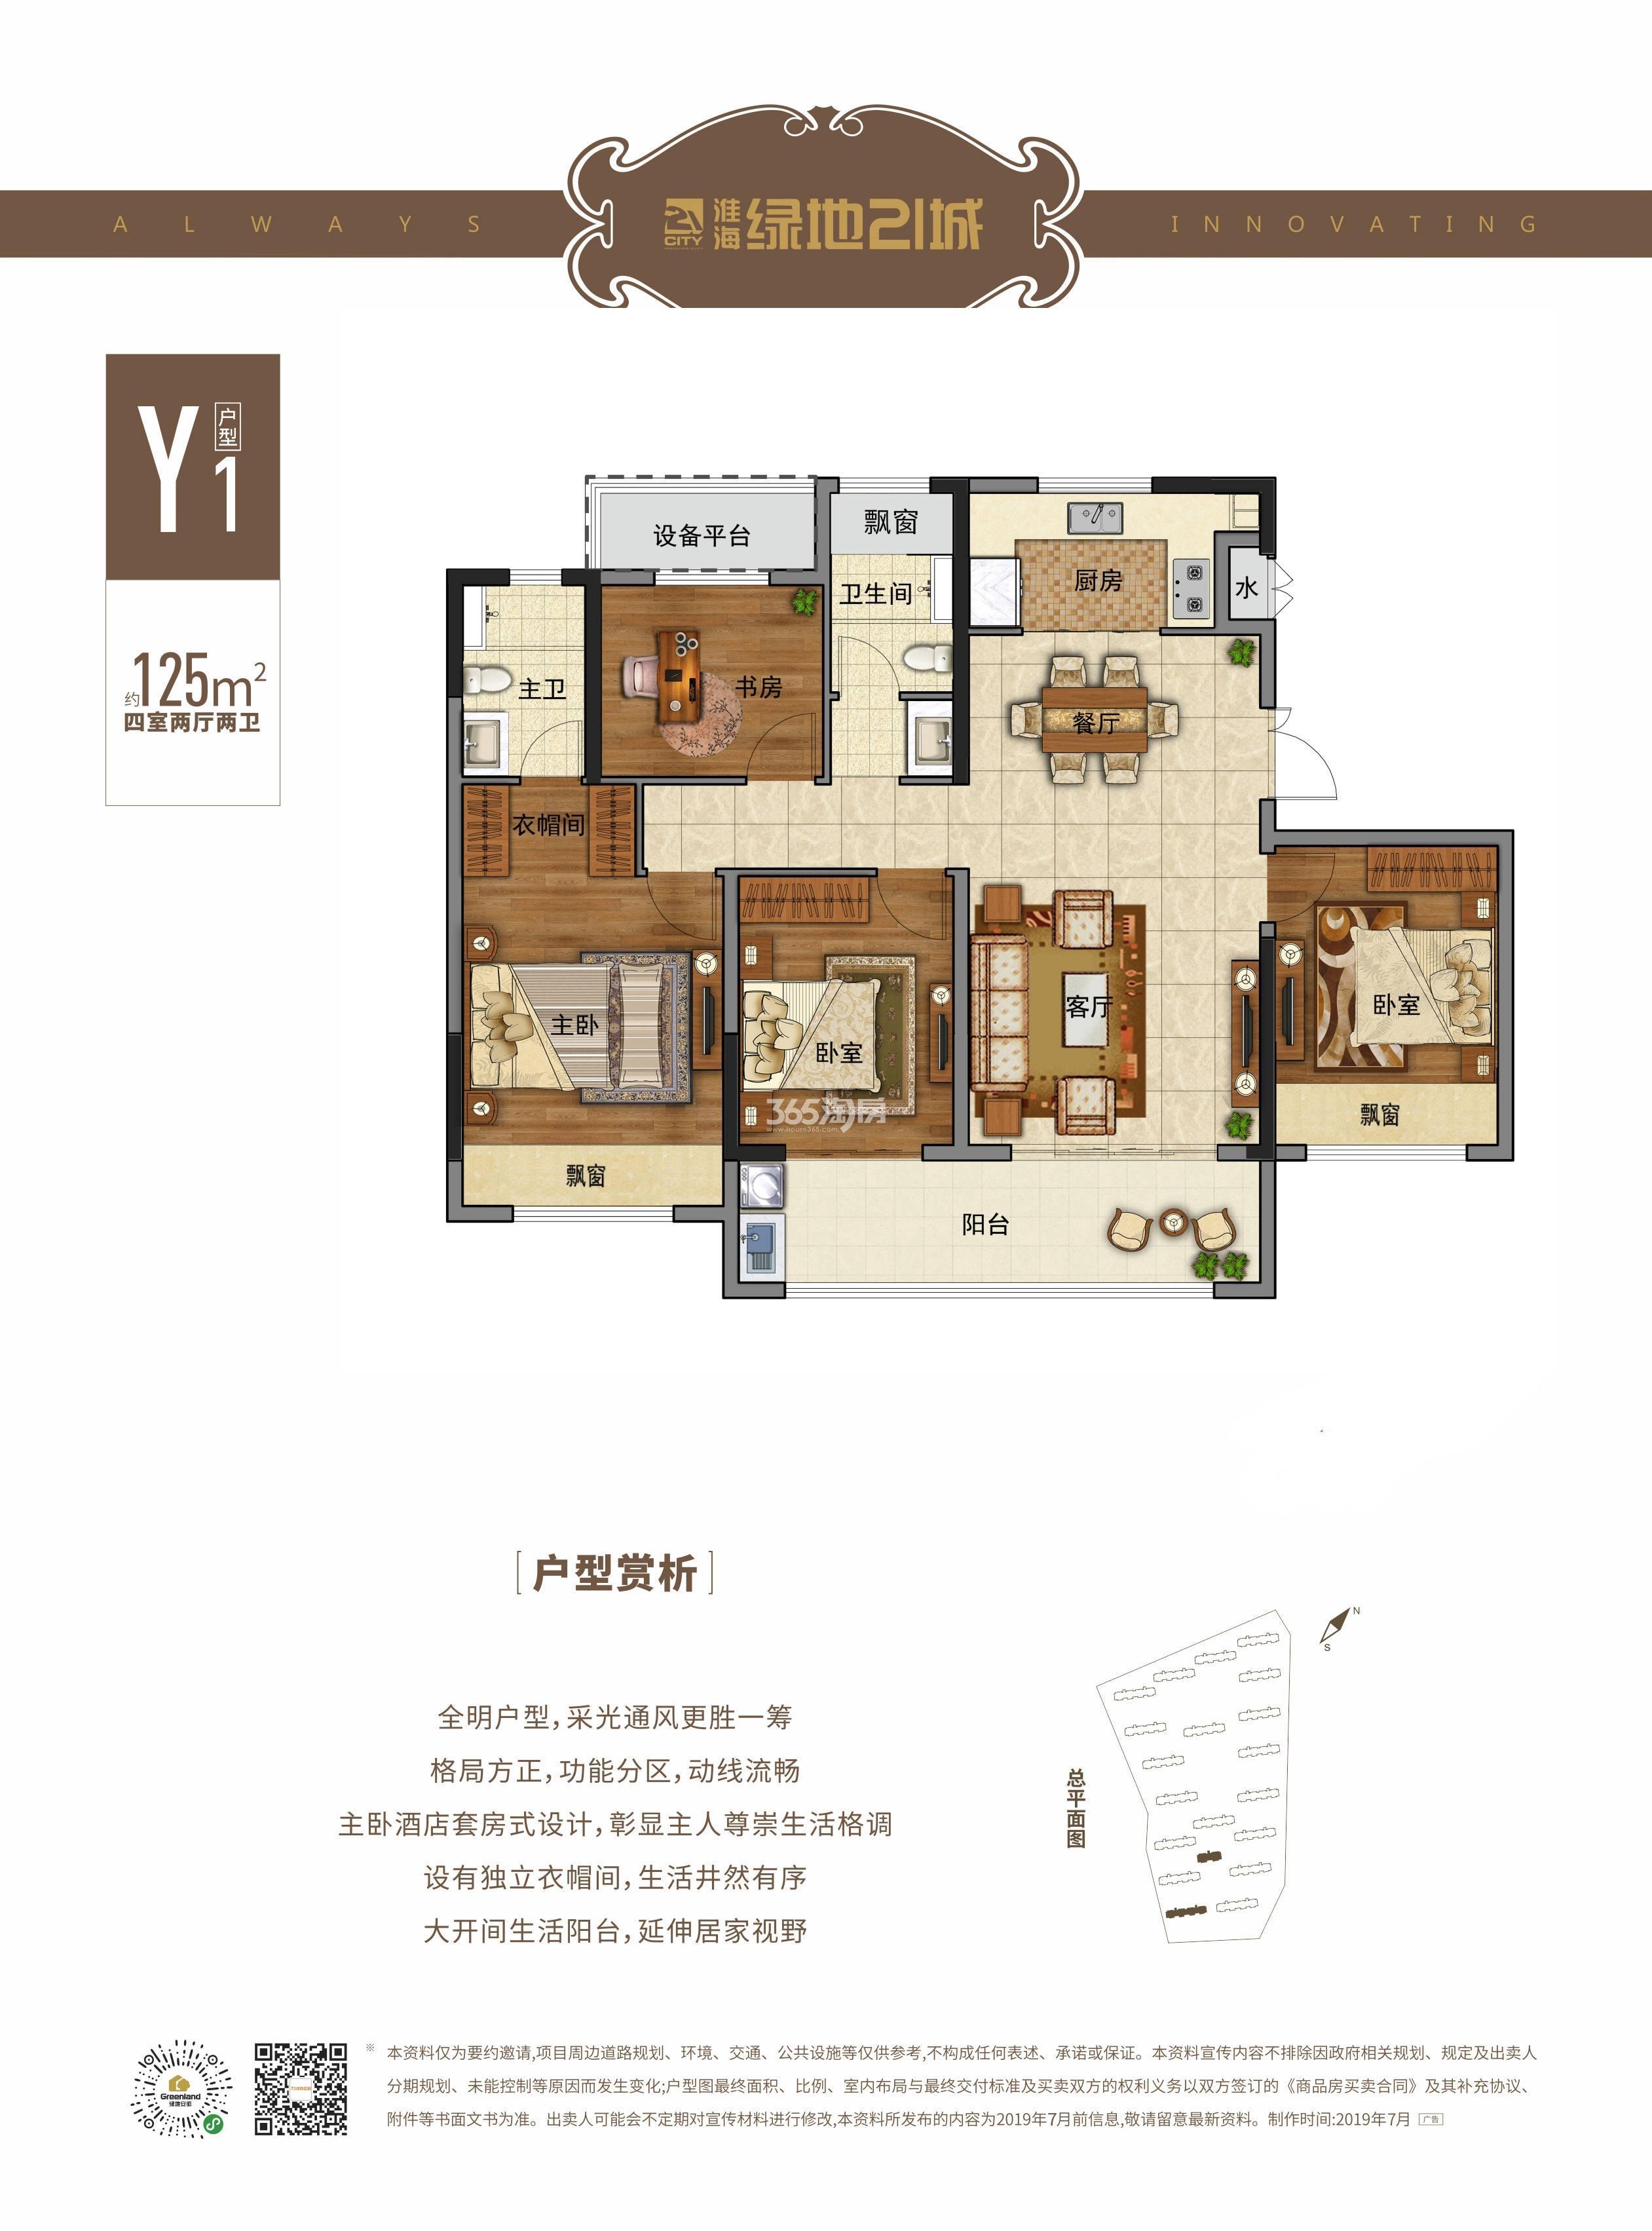 淮海绿地21城洋房YI户型图125㎡三室两厅一卫